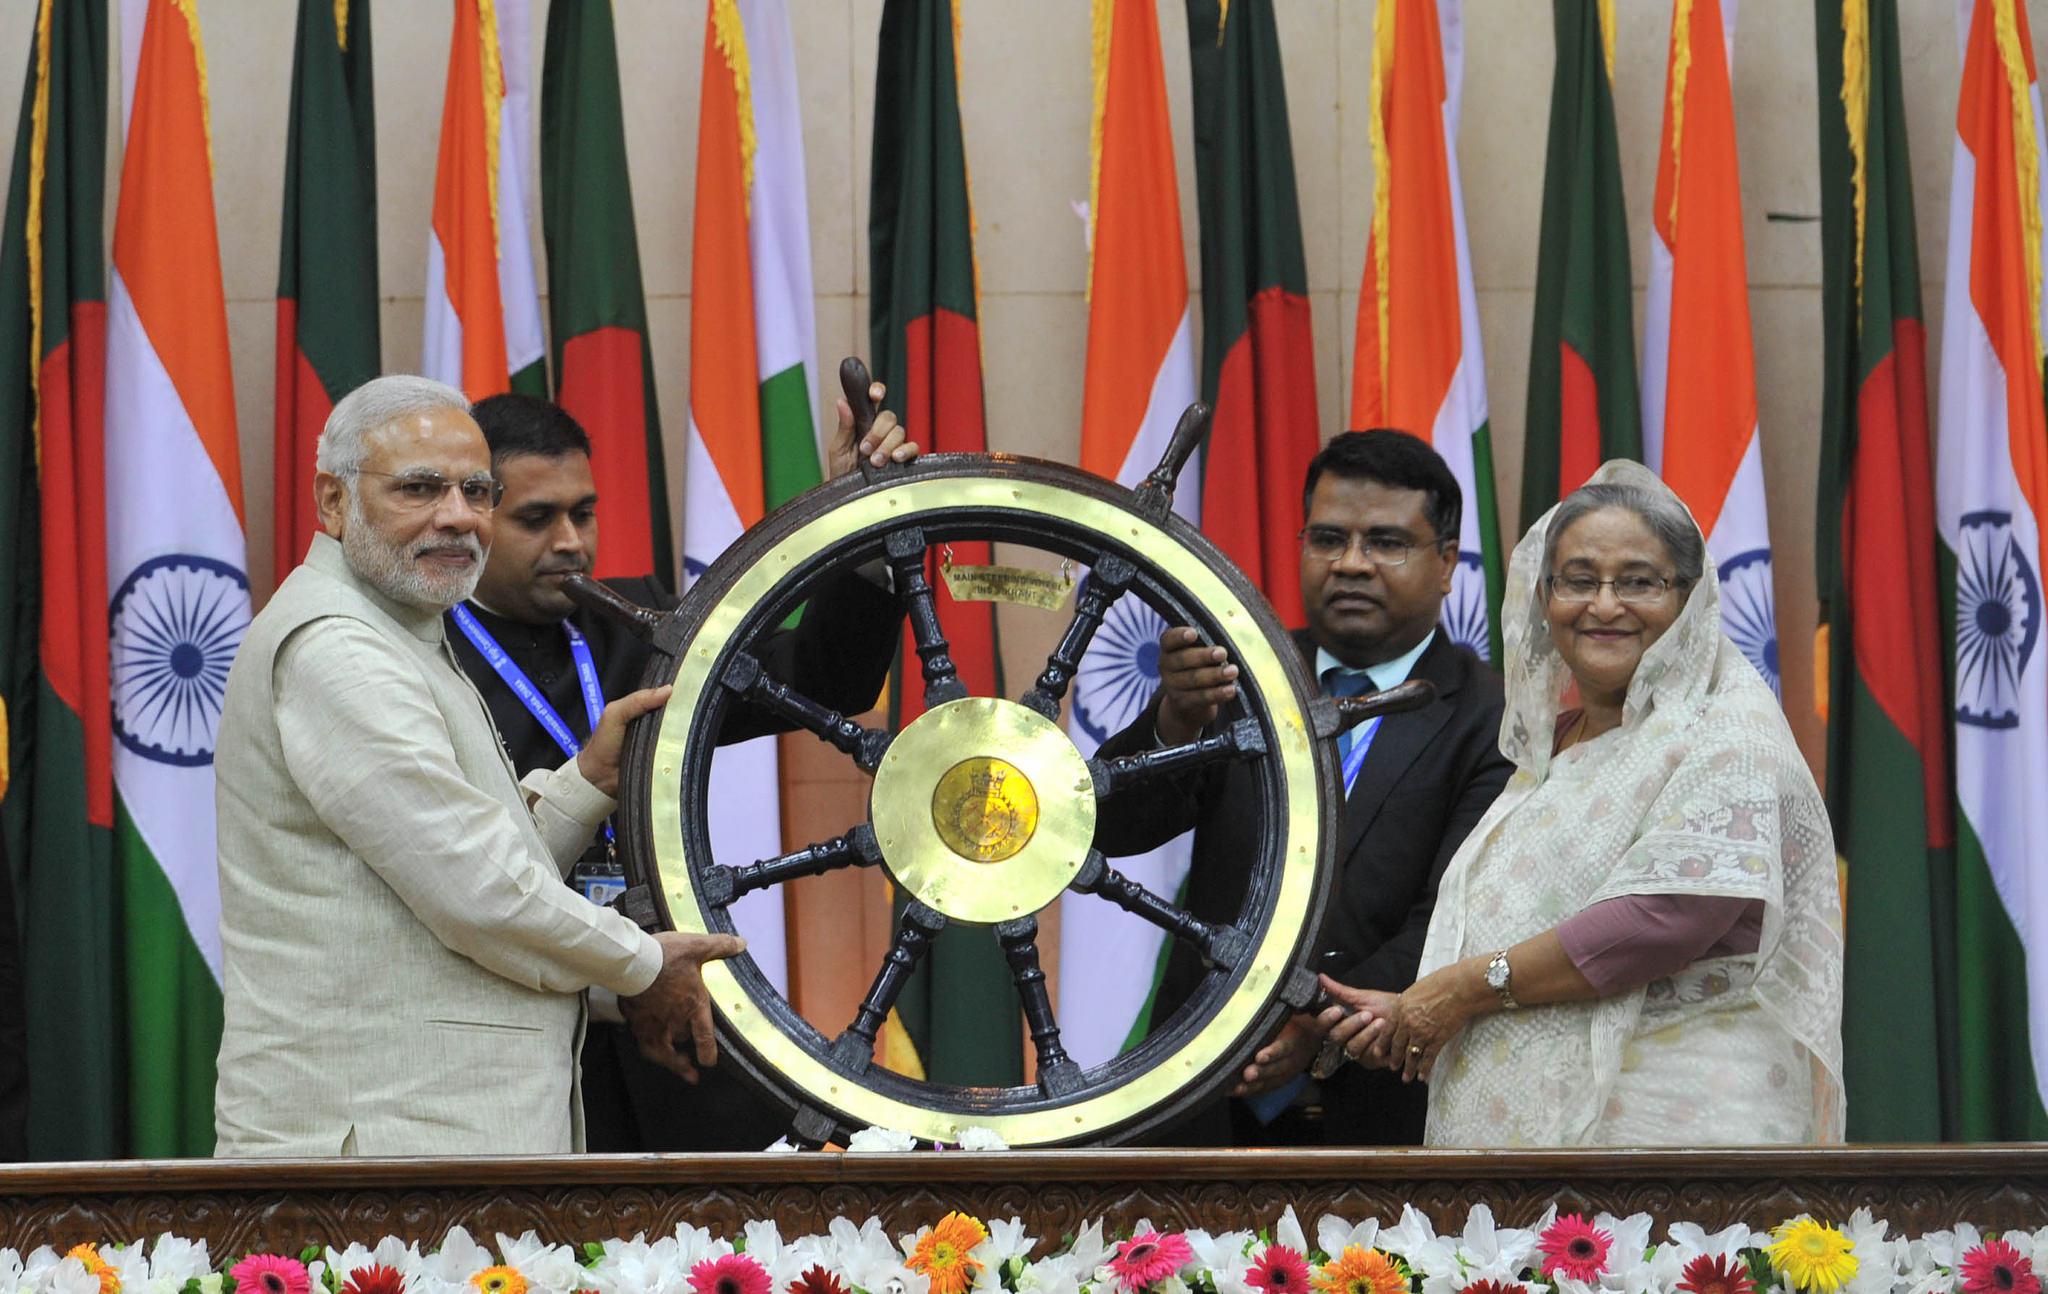 Prim-ministrii Narendra Modi si Sheikh Hassina schimba suveniruri